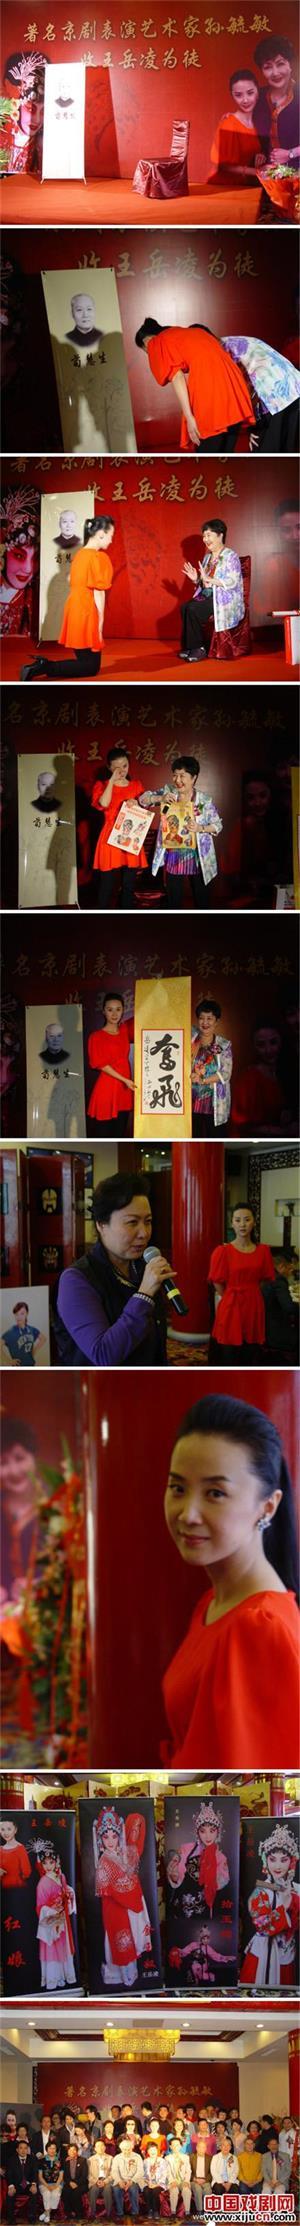 北京歌剧院的年轻演员王岳翎正式崇拜孙毓敏为他的老师。